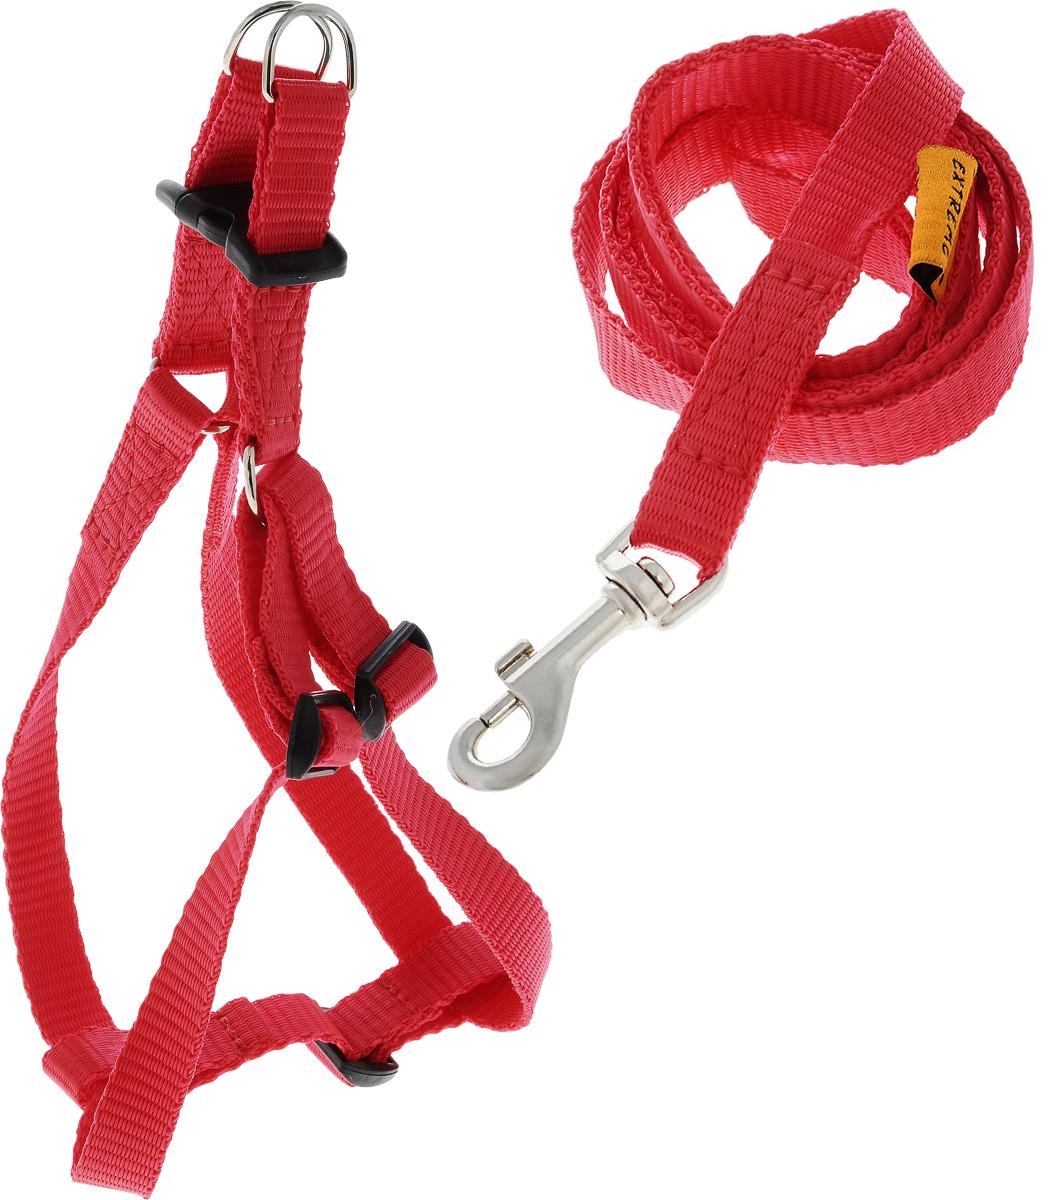 Шлейка для собак DOGExtremе, с поводком, цвет: красный, ширина 15 мм, обхват груди 40-55 см07033Шлейка DOGExtreme, изготовленная из прочного нейлона, подходит для собак. Крепкие металлические элементы делают ее надежной и долговечной. Шлейка - это альтернатива ошейнику. Правильно подобранная шлейка не стесняет движения питомца, не натирает кожу, поэтому животное чувствует себя в ней уверенно и комфортно. Размер регулируется при помощи пряжки. Изделие отличается высоким качеством, удобством и универсальностью. В комплекте нейлоновый поводок с металлическим карабином. Обхват груди: 40-55 см. Ширина шлейки: 1,5 см. Длина поводка: 117 см.